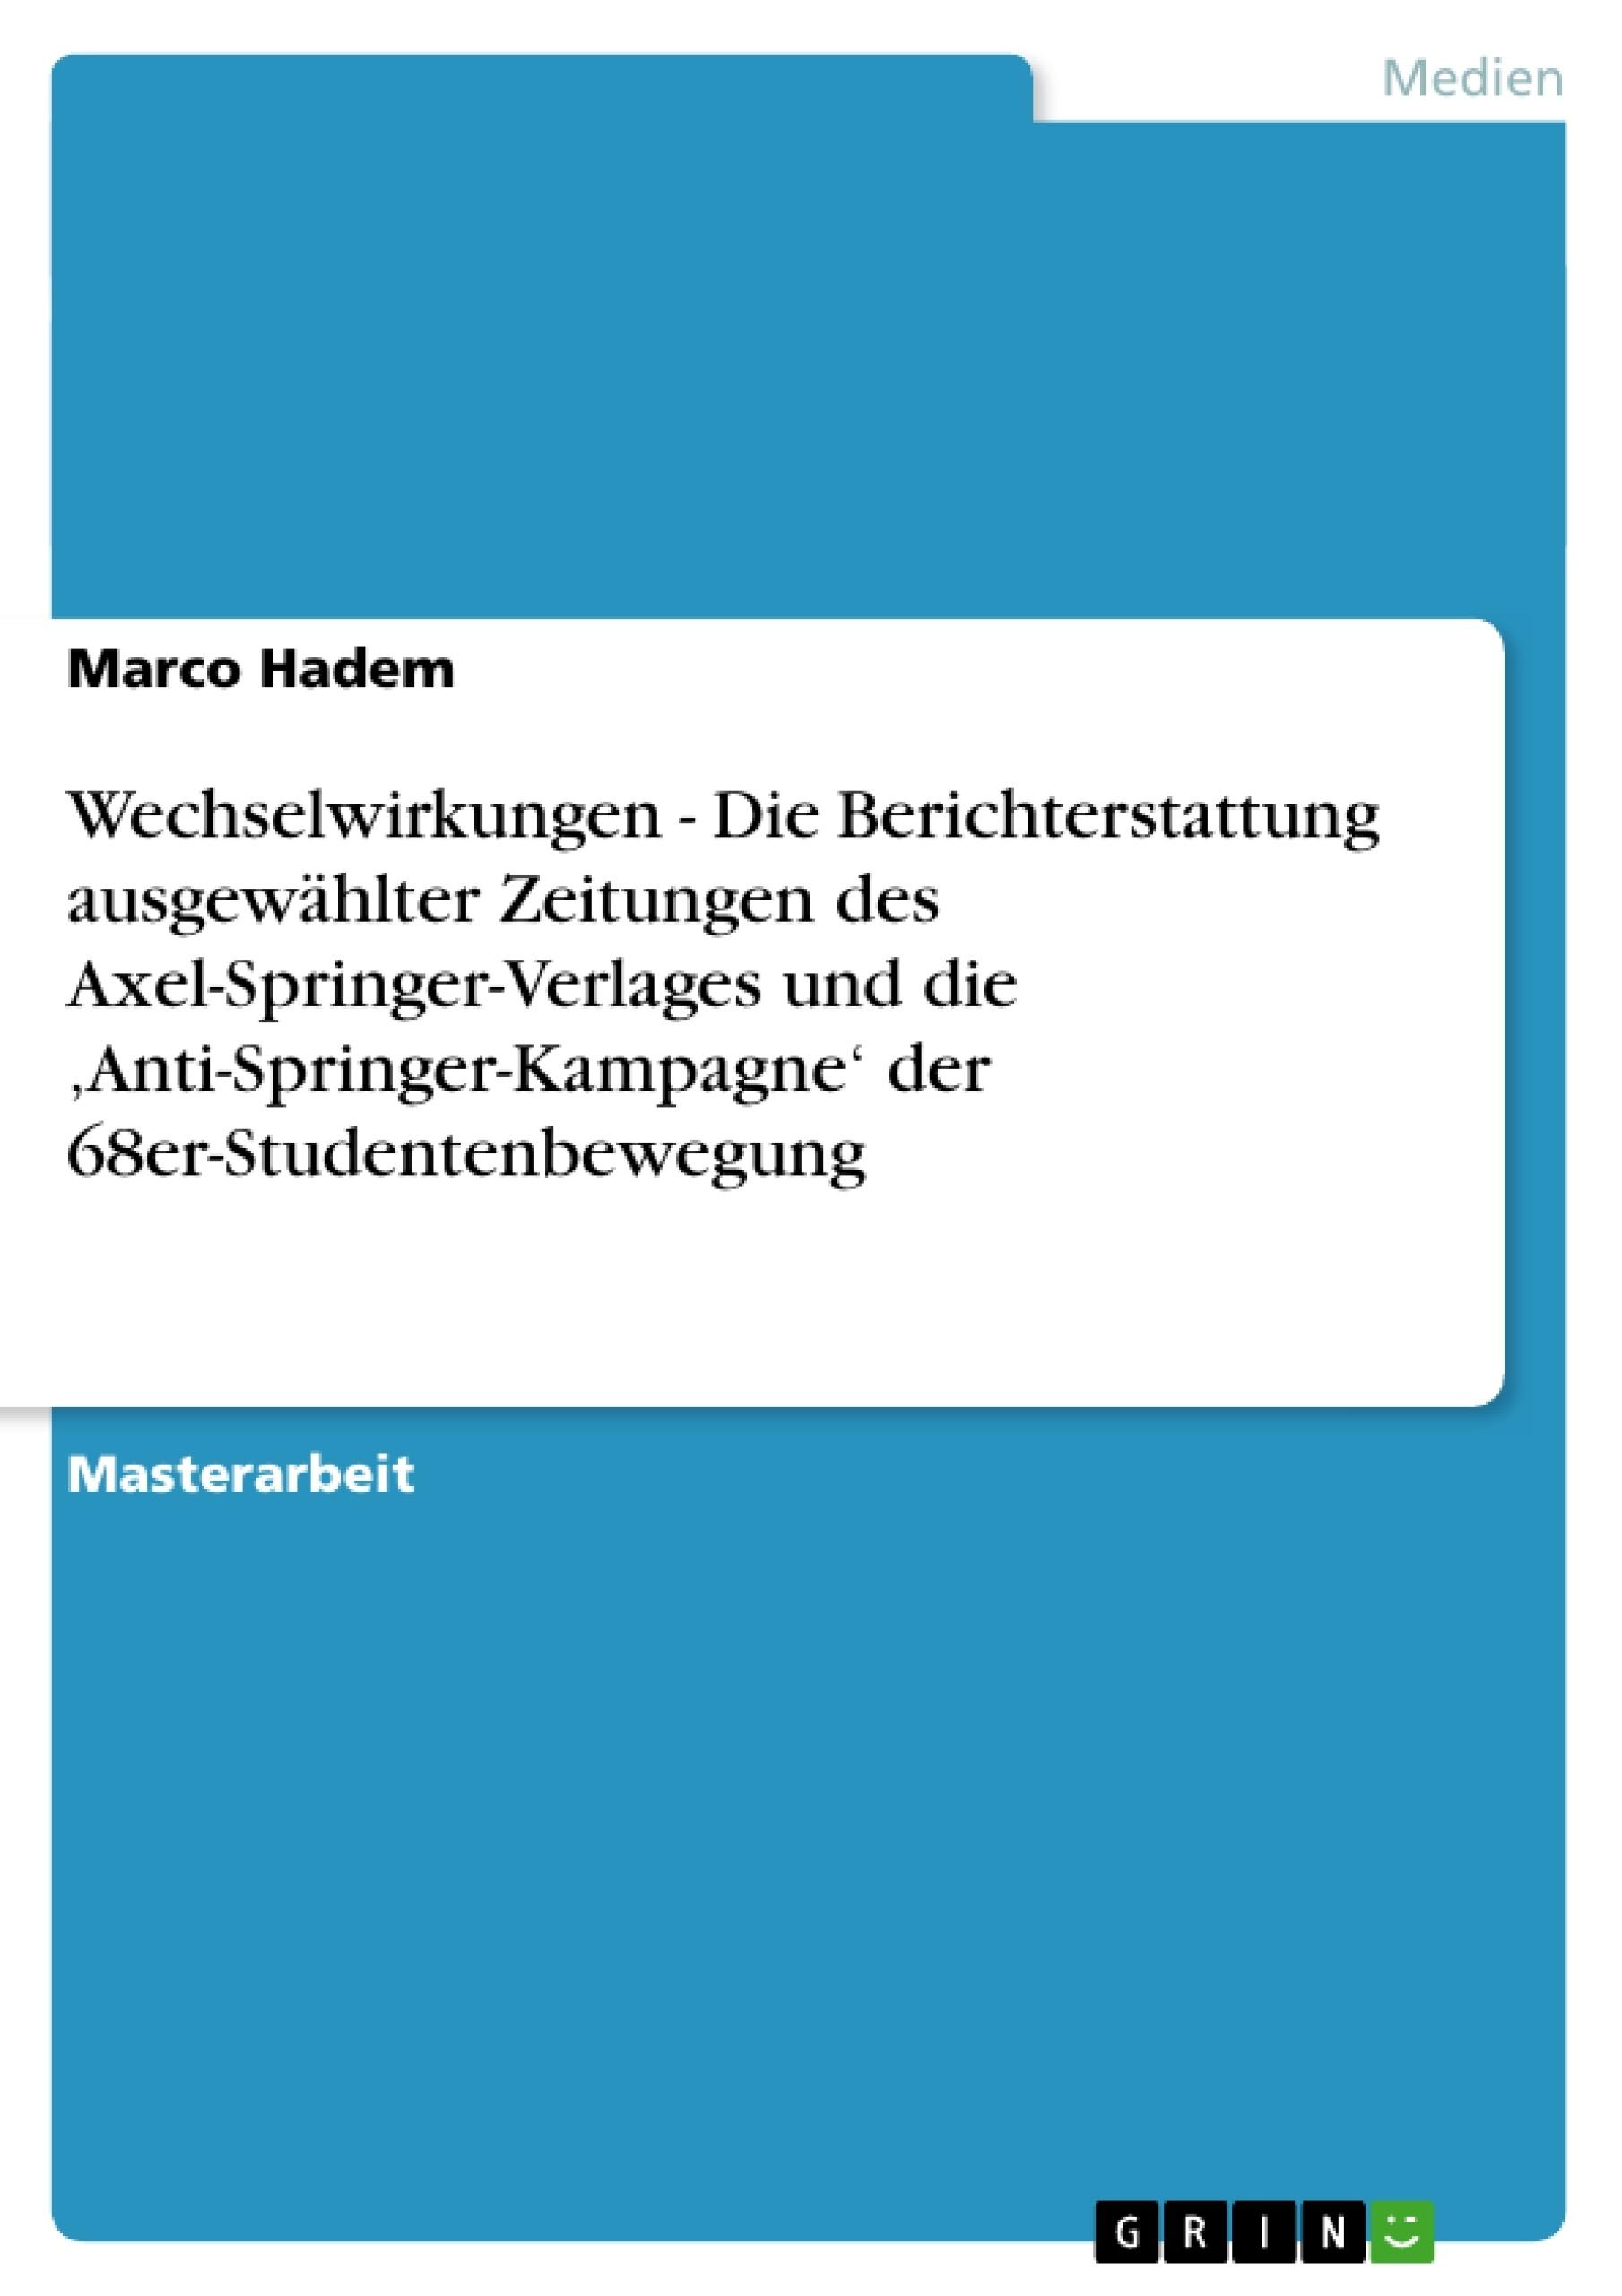 Titel: Wechselwirkungen - Die Berichterstattung ausgewählter Zeitungen des Axel-Springer-Verlages und die 'Anti-Springer-Kampagne' der 68er-Studentenbewegung